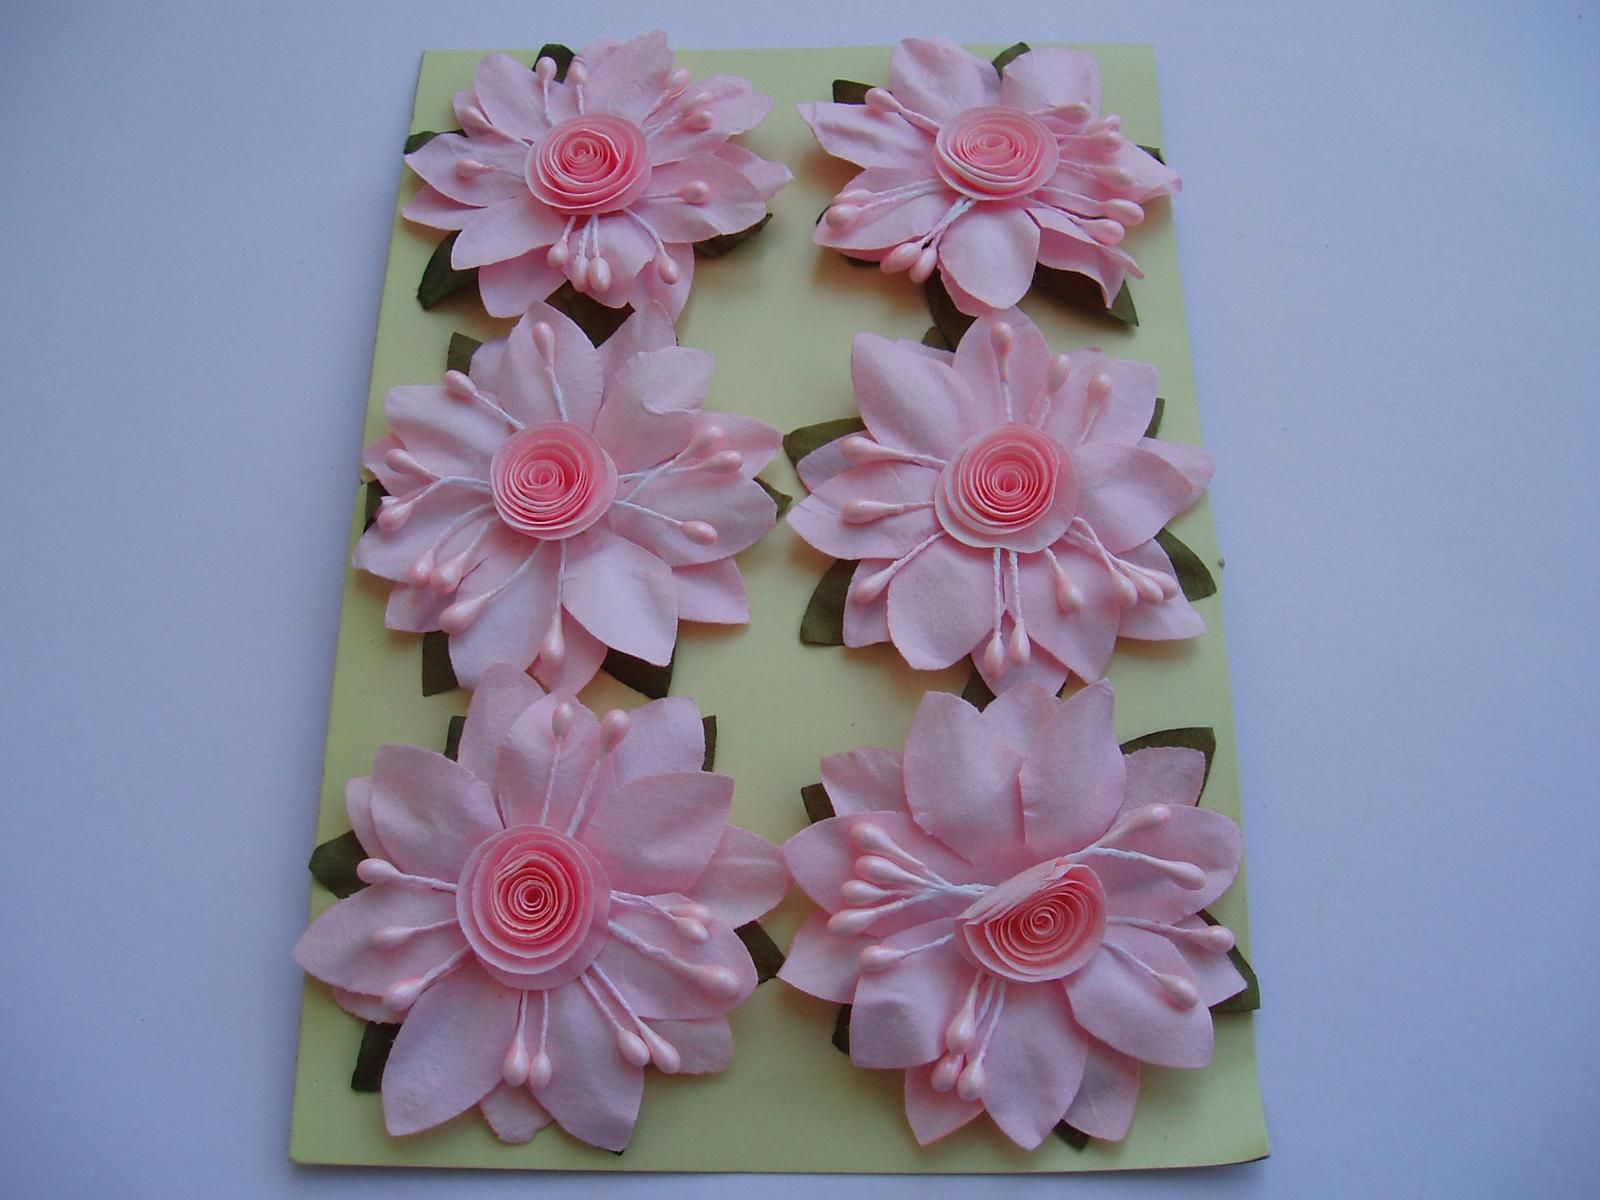 papírový květ na drátku-růžový - Obrázek č. 1